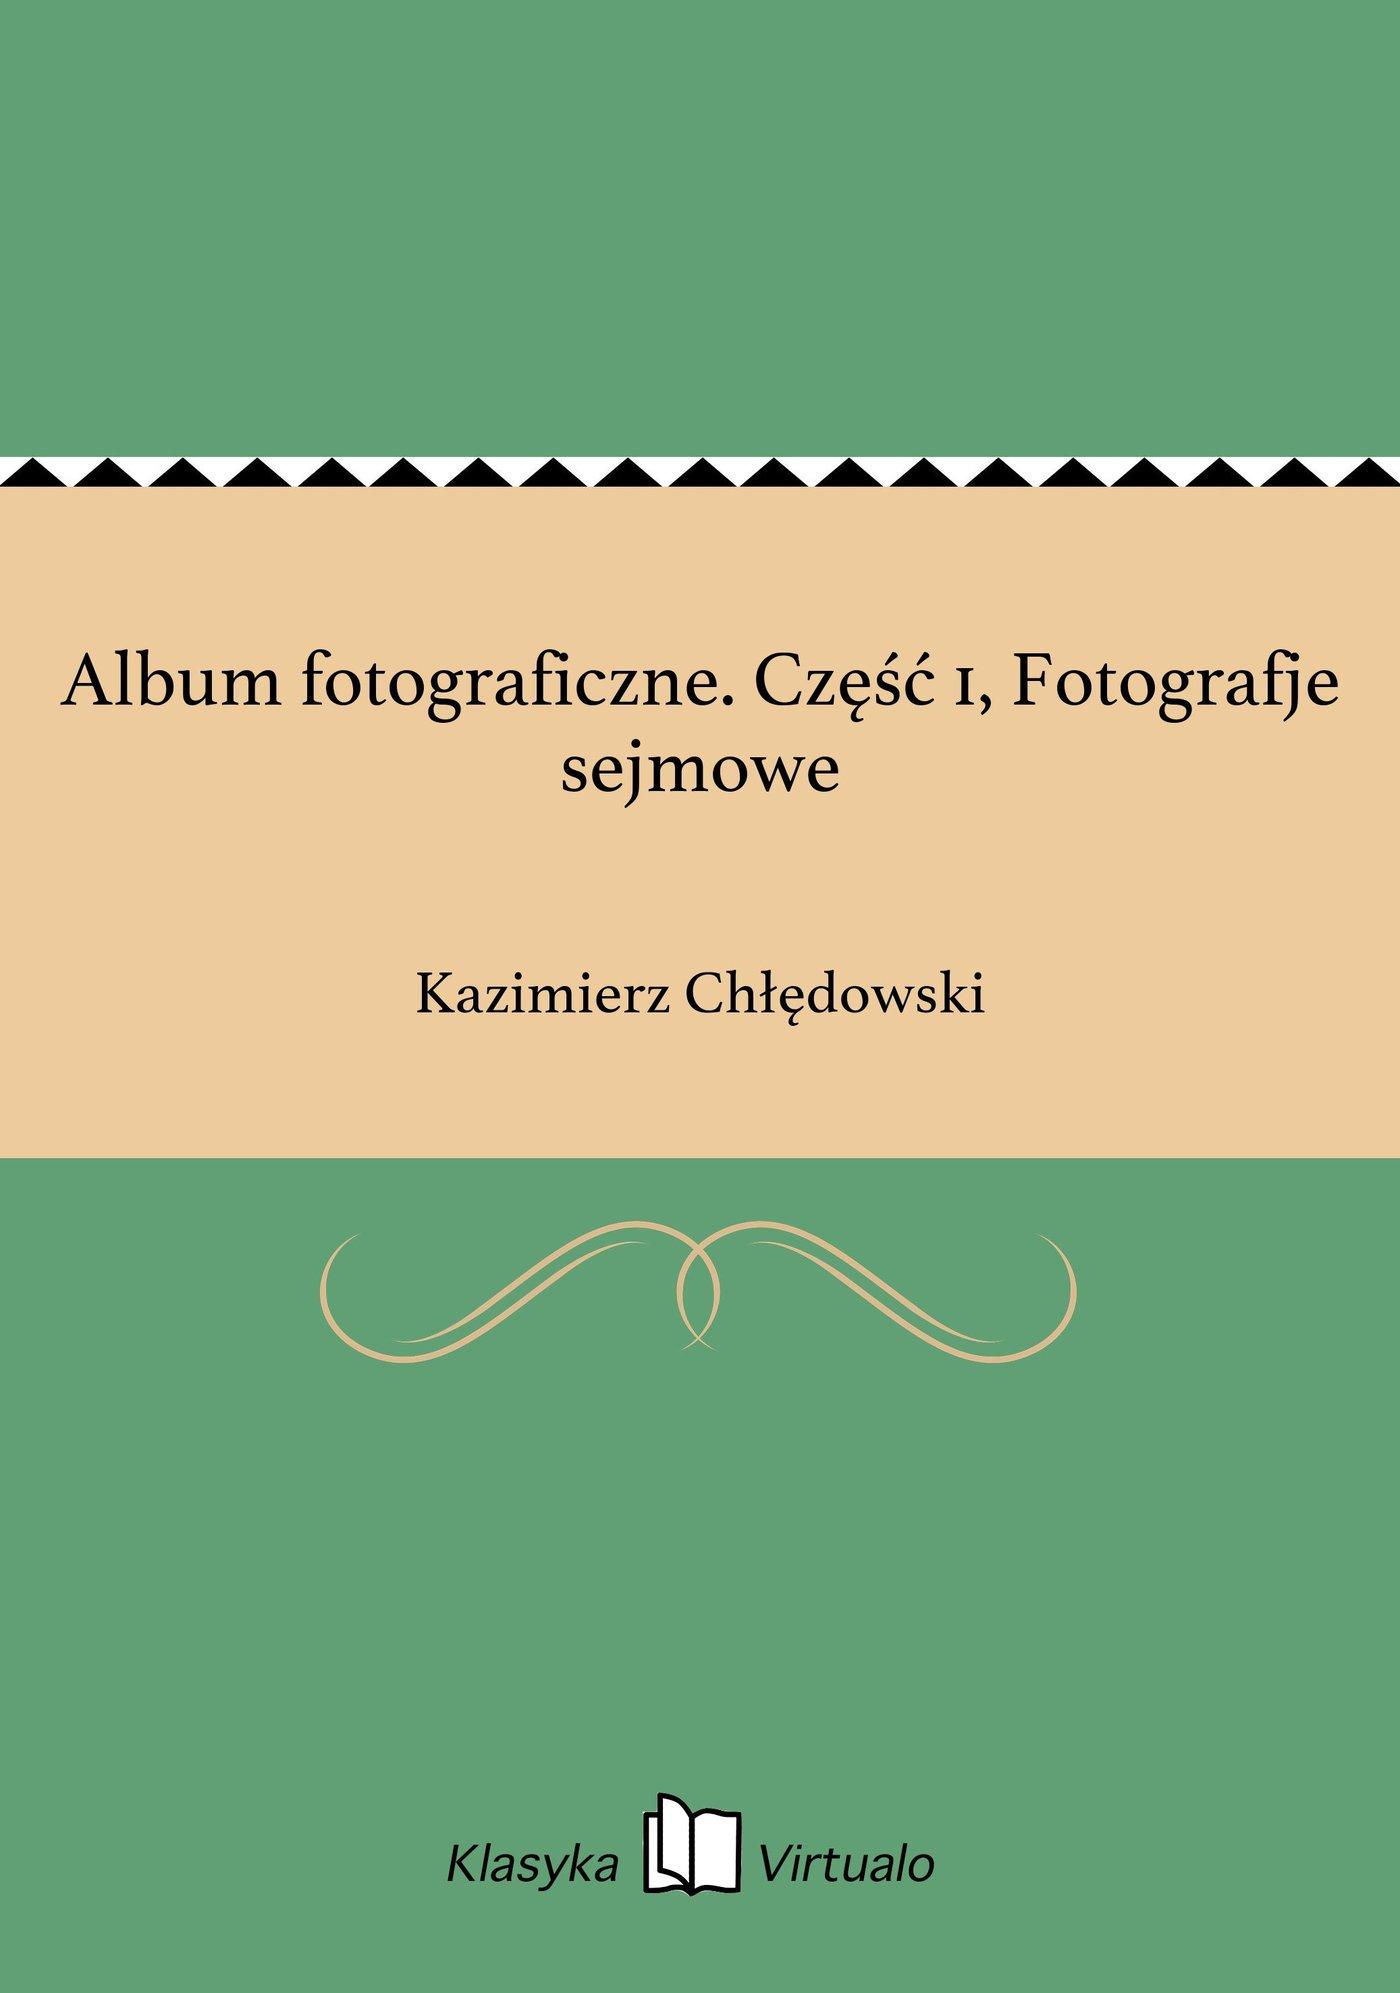 Album fotograficzne. Część 1, Fotografje sejmowe - Ebook (Książka EPUB) do pobrania w formacie EPUB